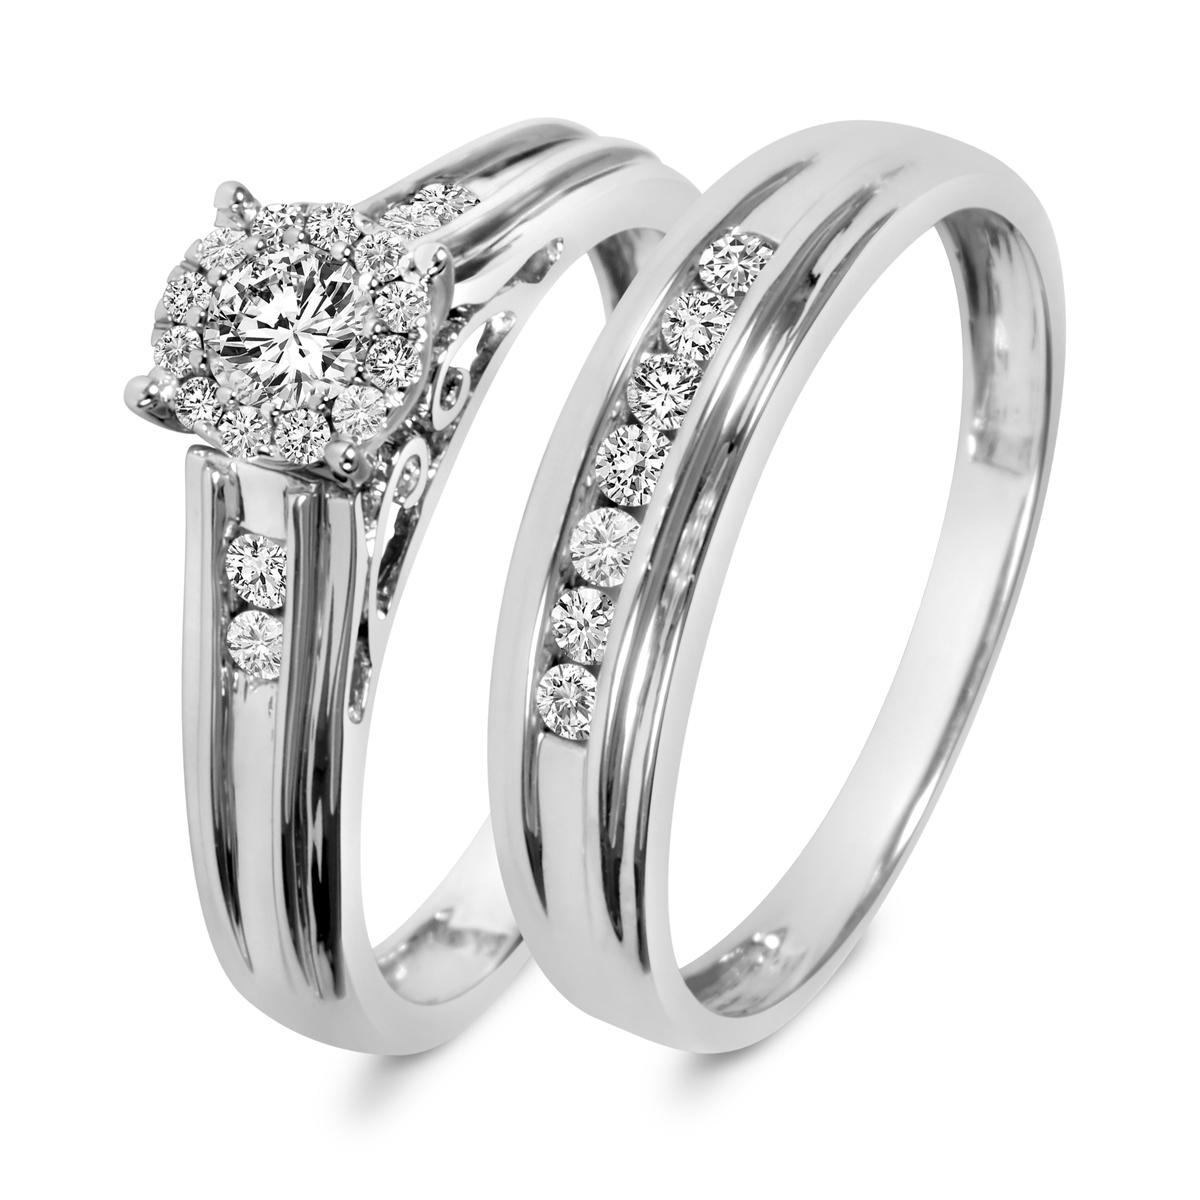 1/2 Carat T.W. Round Cut Diamond Ladies Bridal Wedding Ring Set 10K White Gold